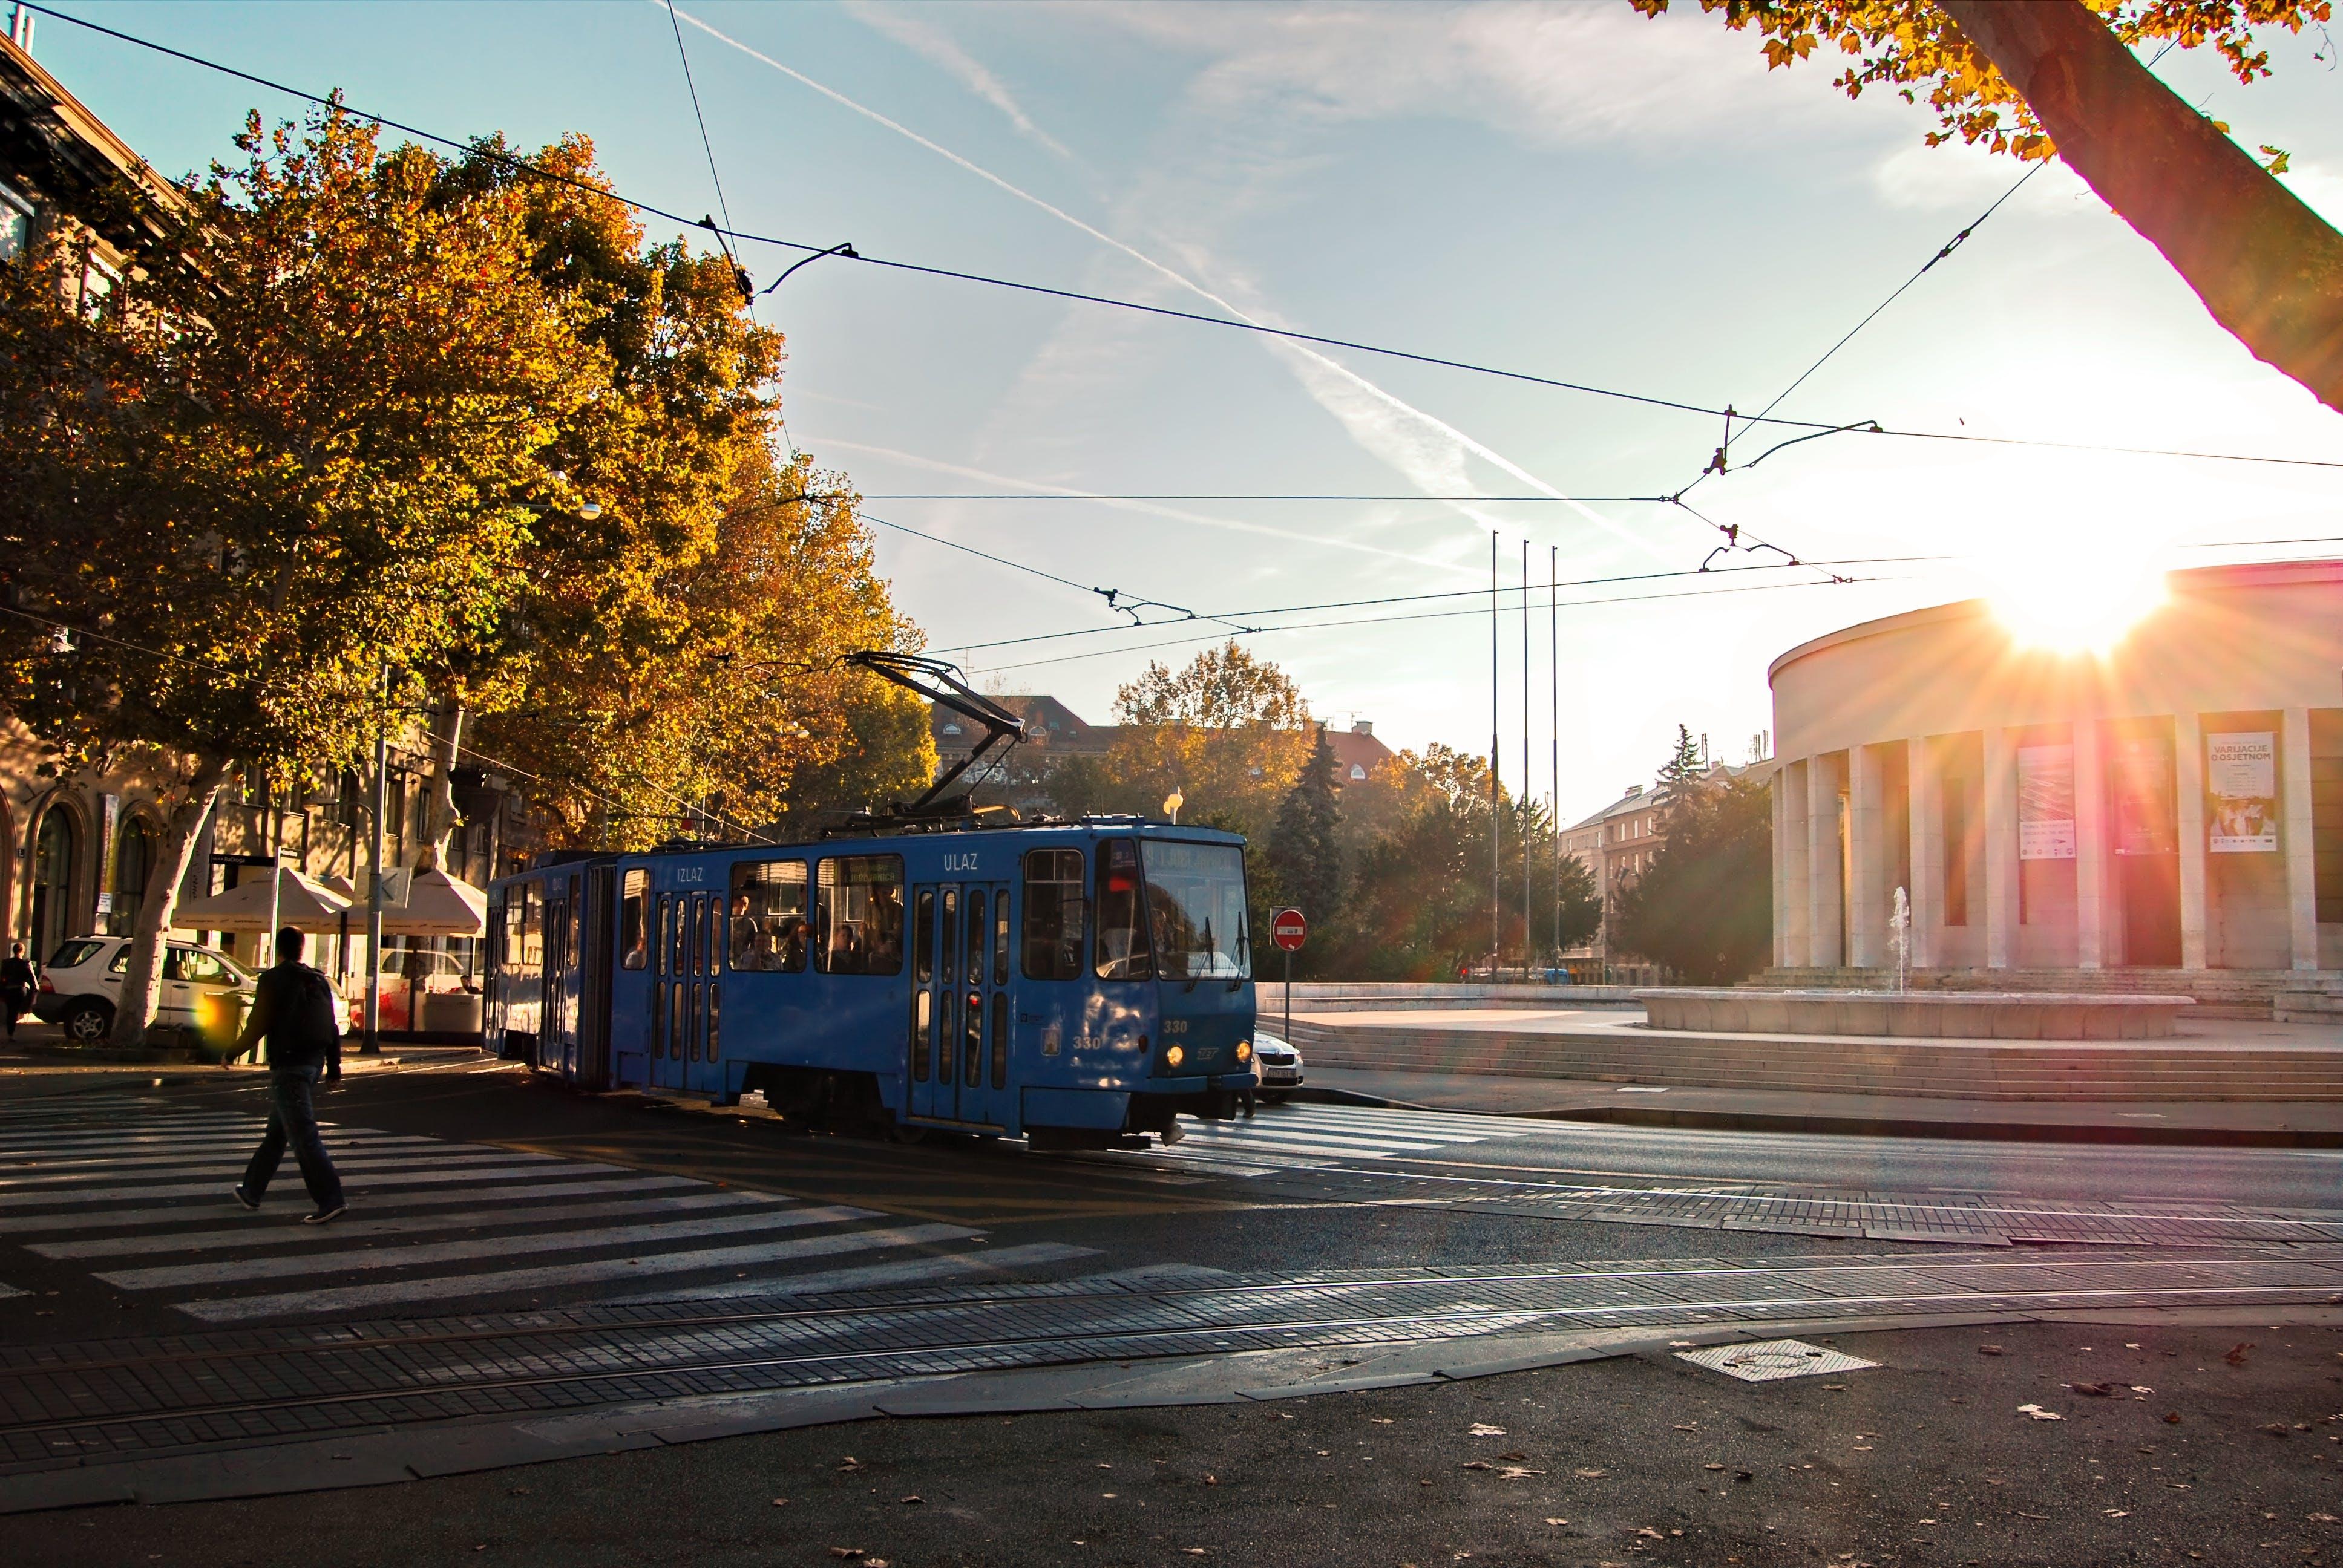 Person Wearing Black Walking on Pedestrian Lane Near Blue Tram Train during Sunset